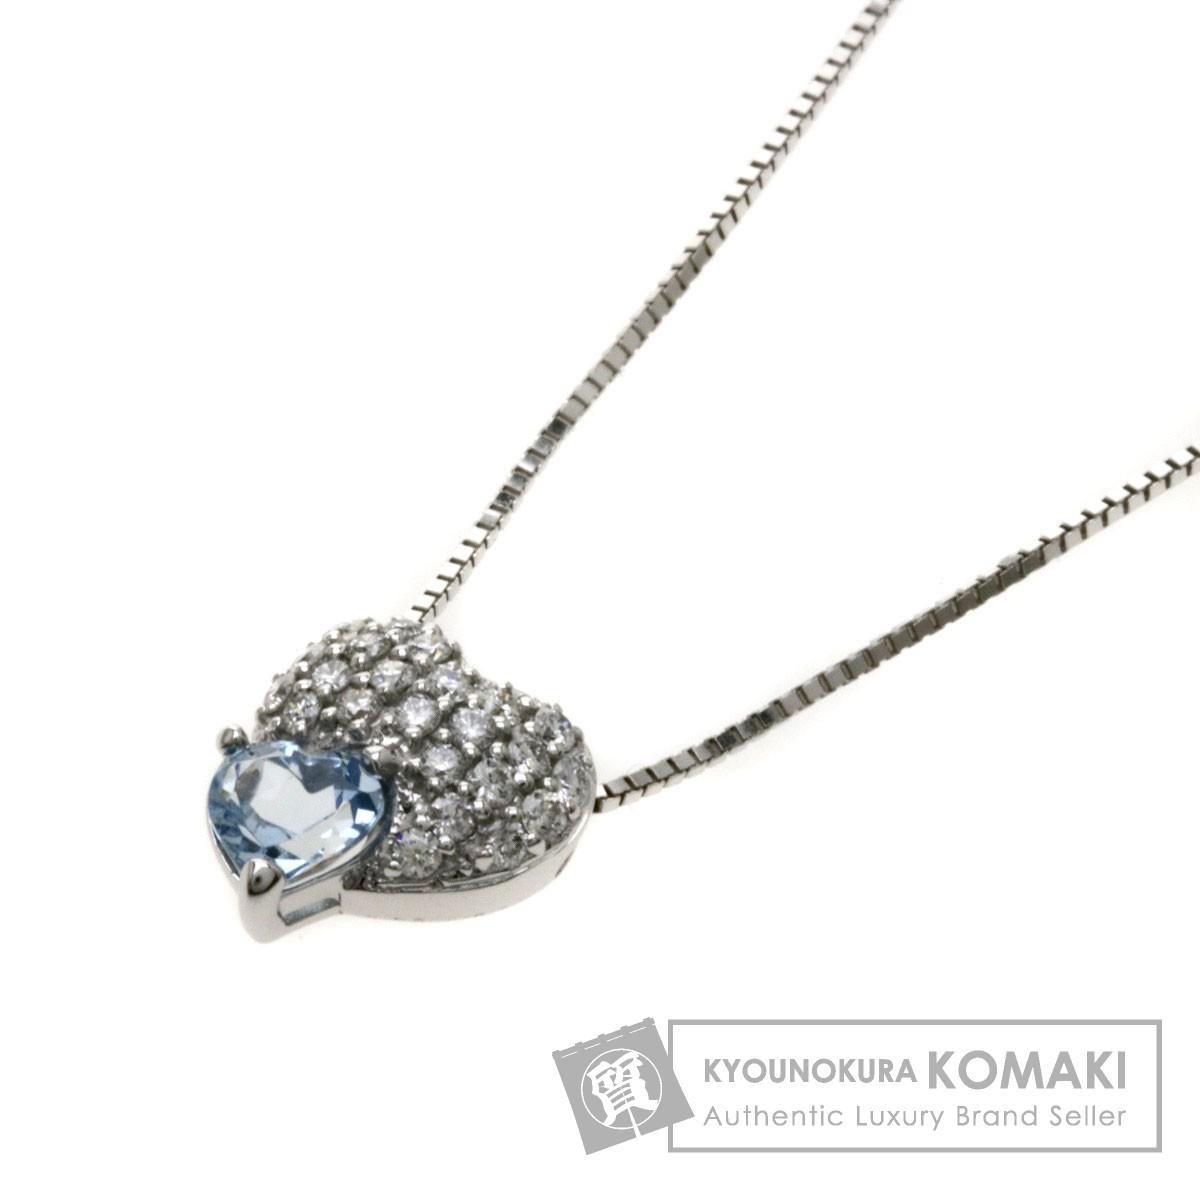 0.38ct アクアマリン/ダイヤモンド/ハートモチーフ ネックレス K18WG 3.9g レディース 【中古】